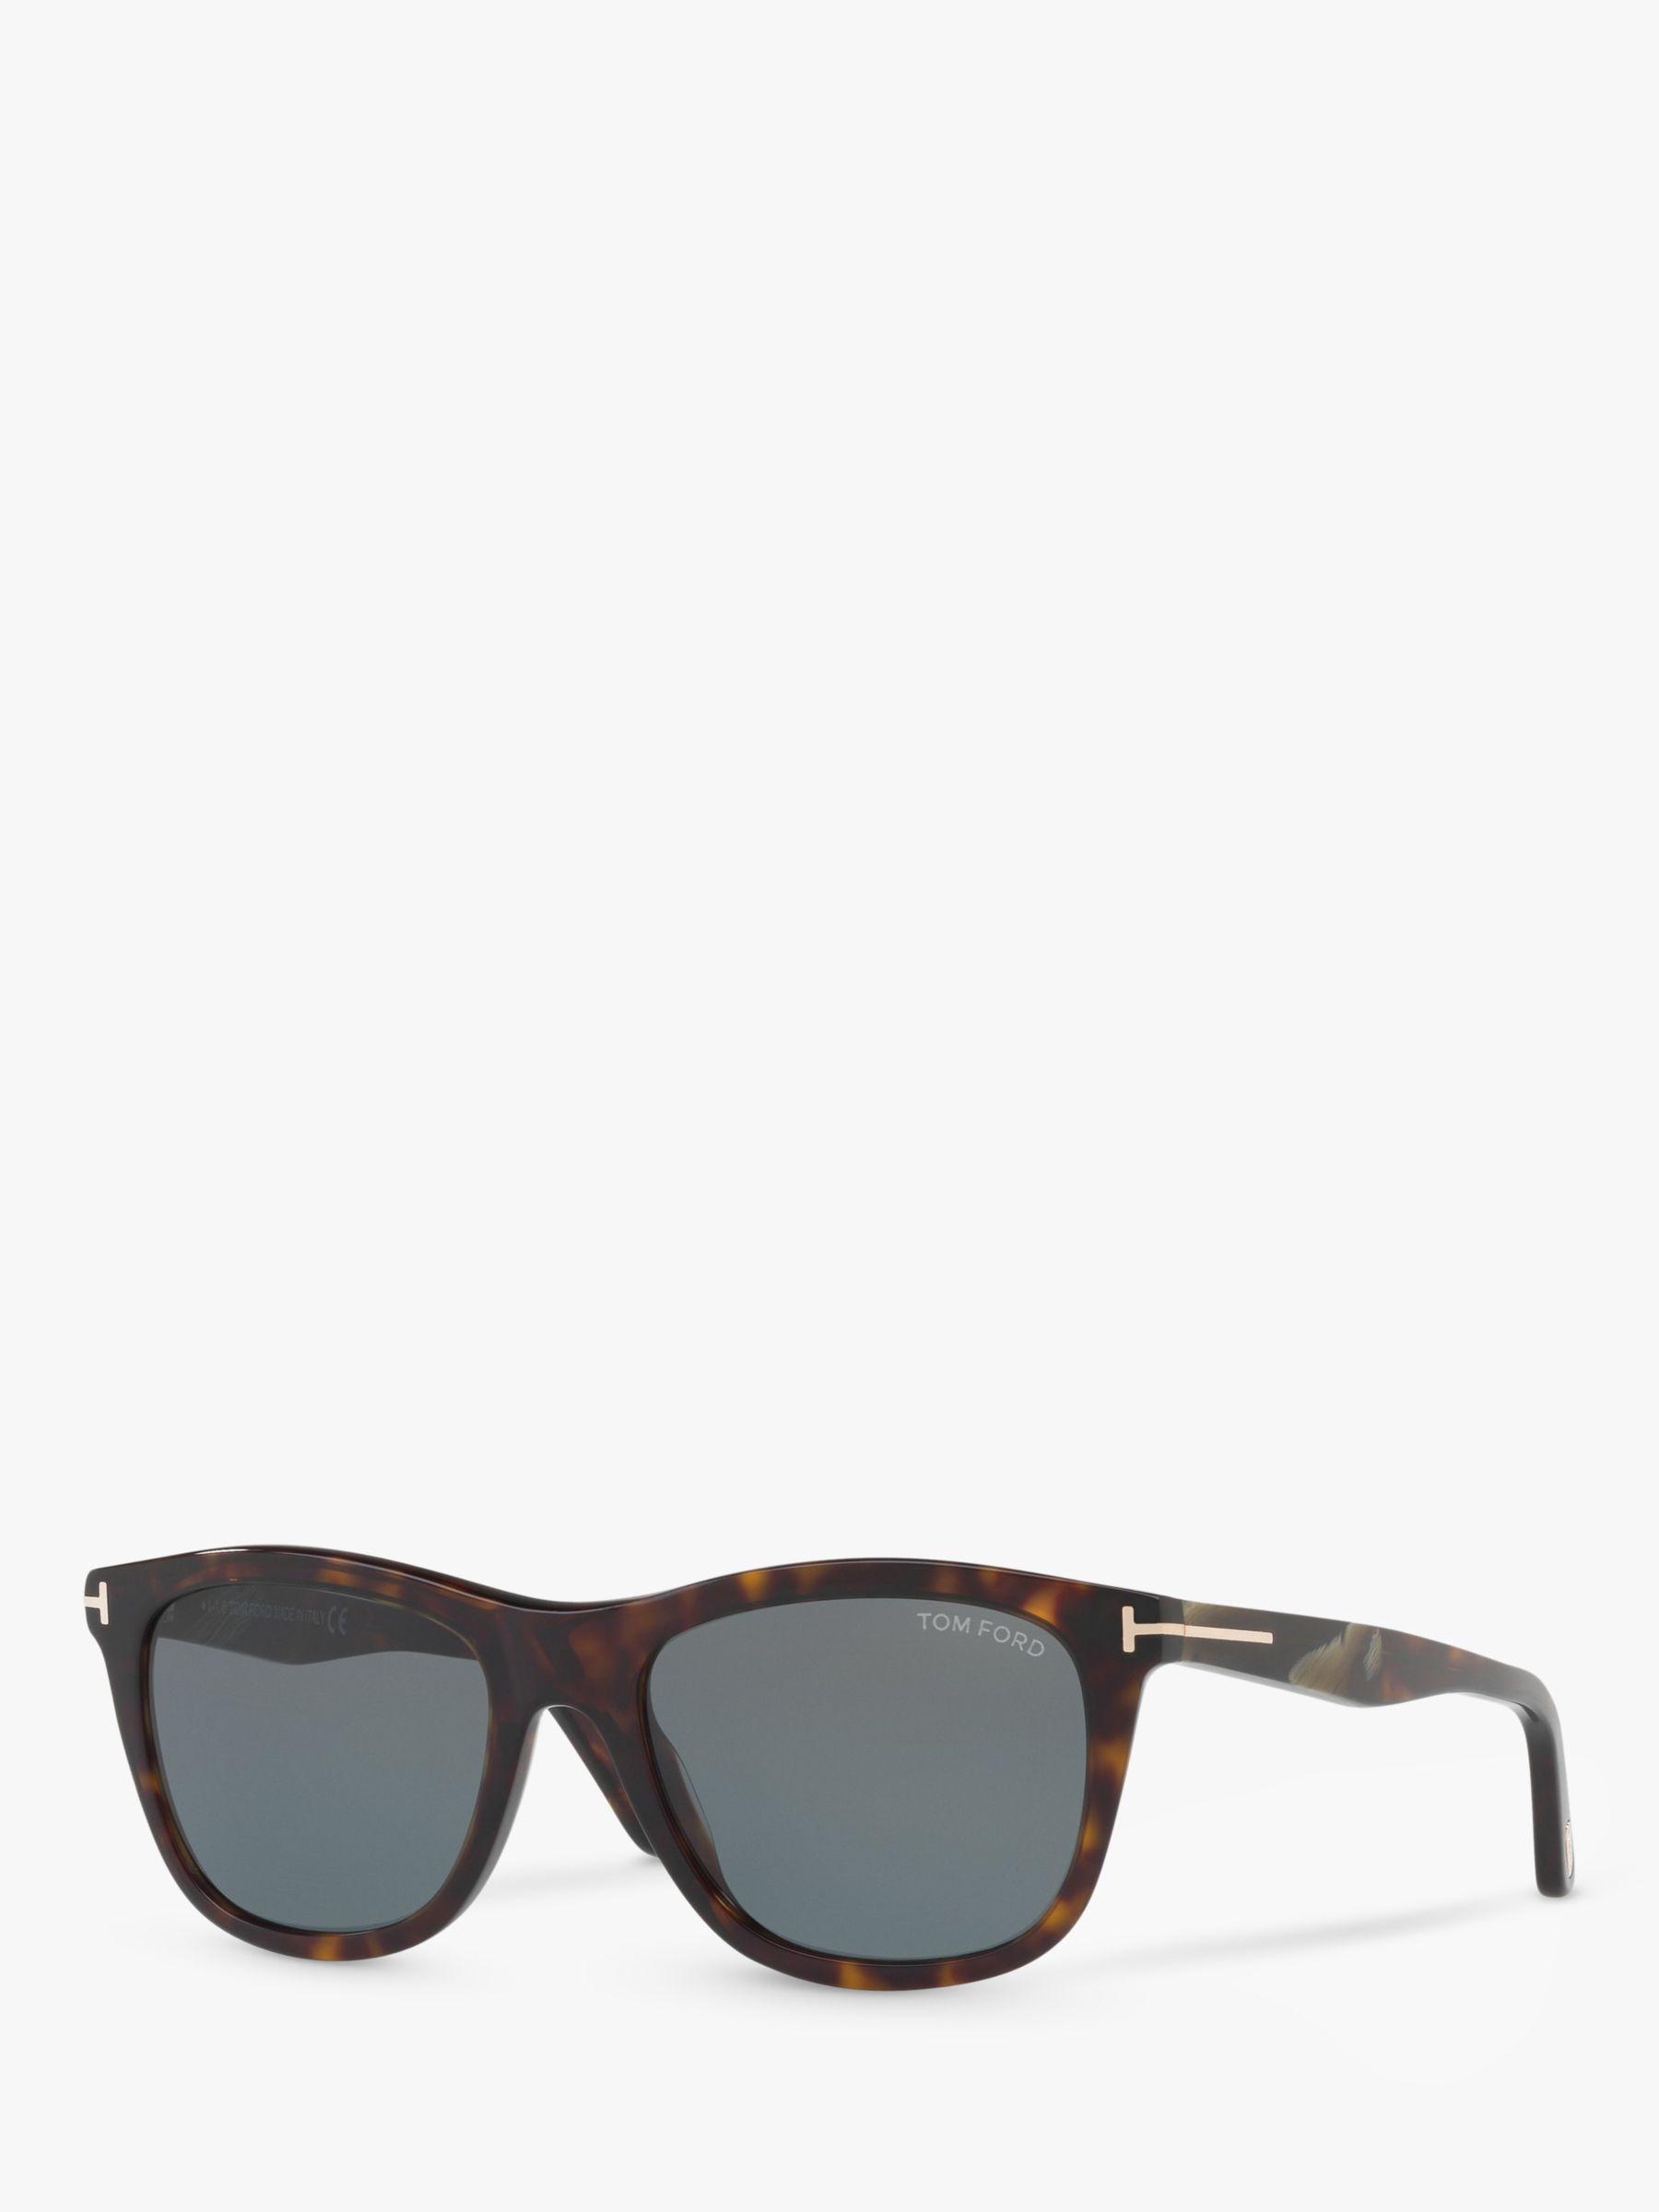 Tom Ford TOM FORD FT0500 Andrew Square Sunglasses, Tortoise/Grey